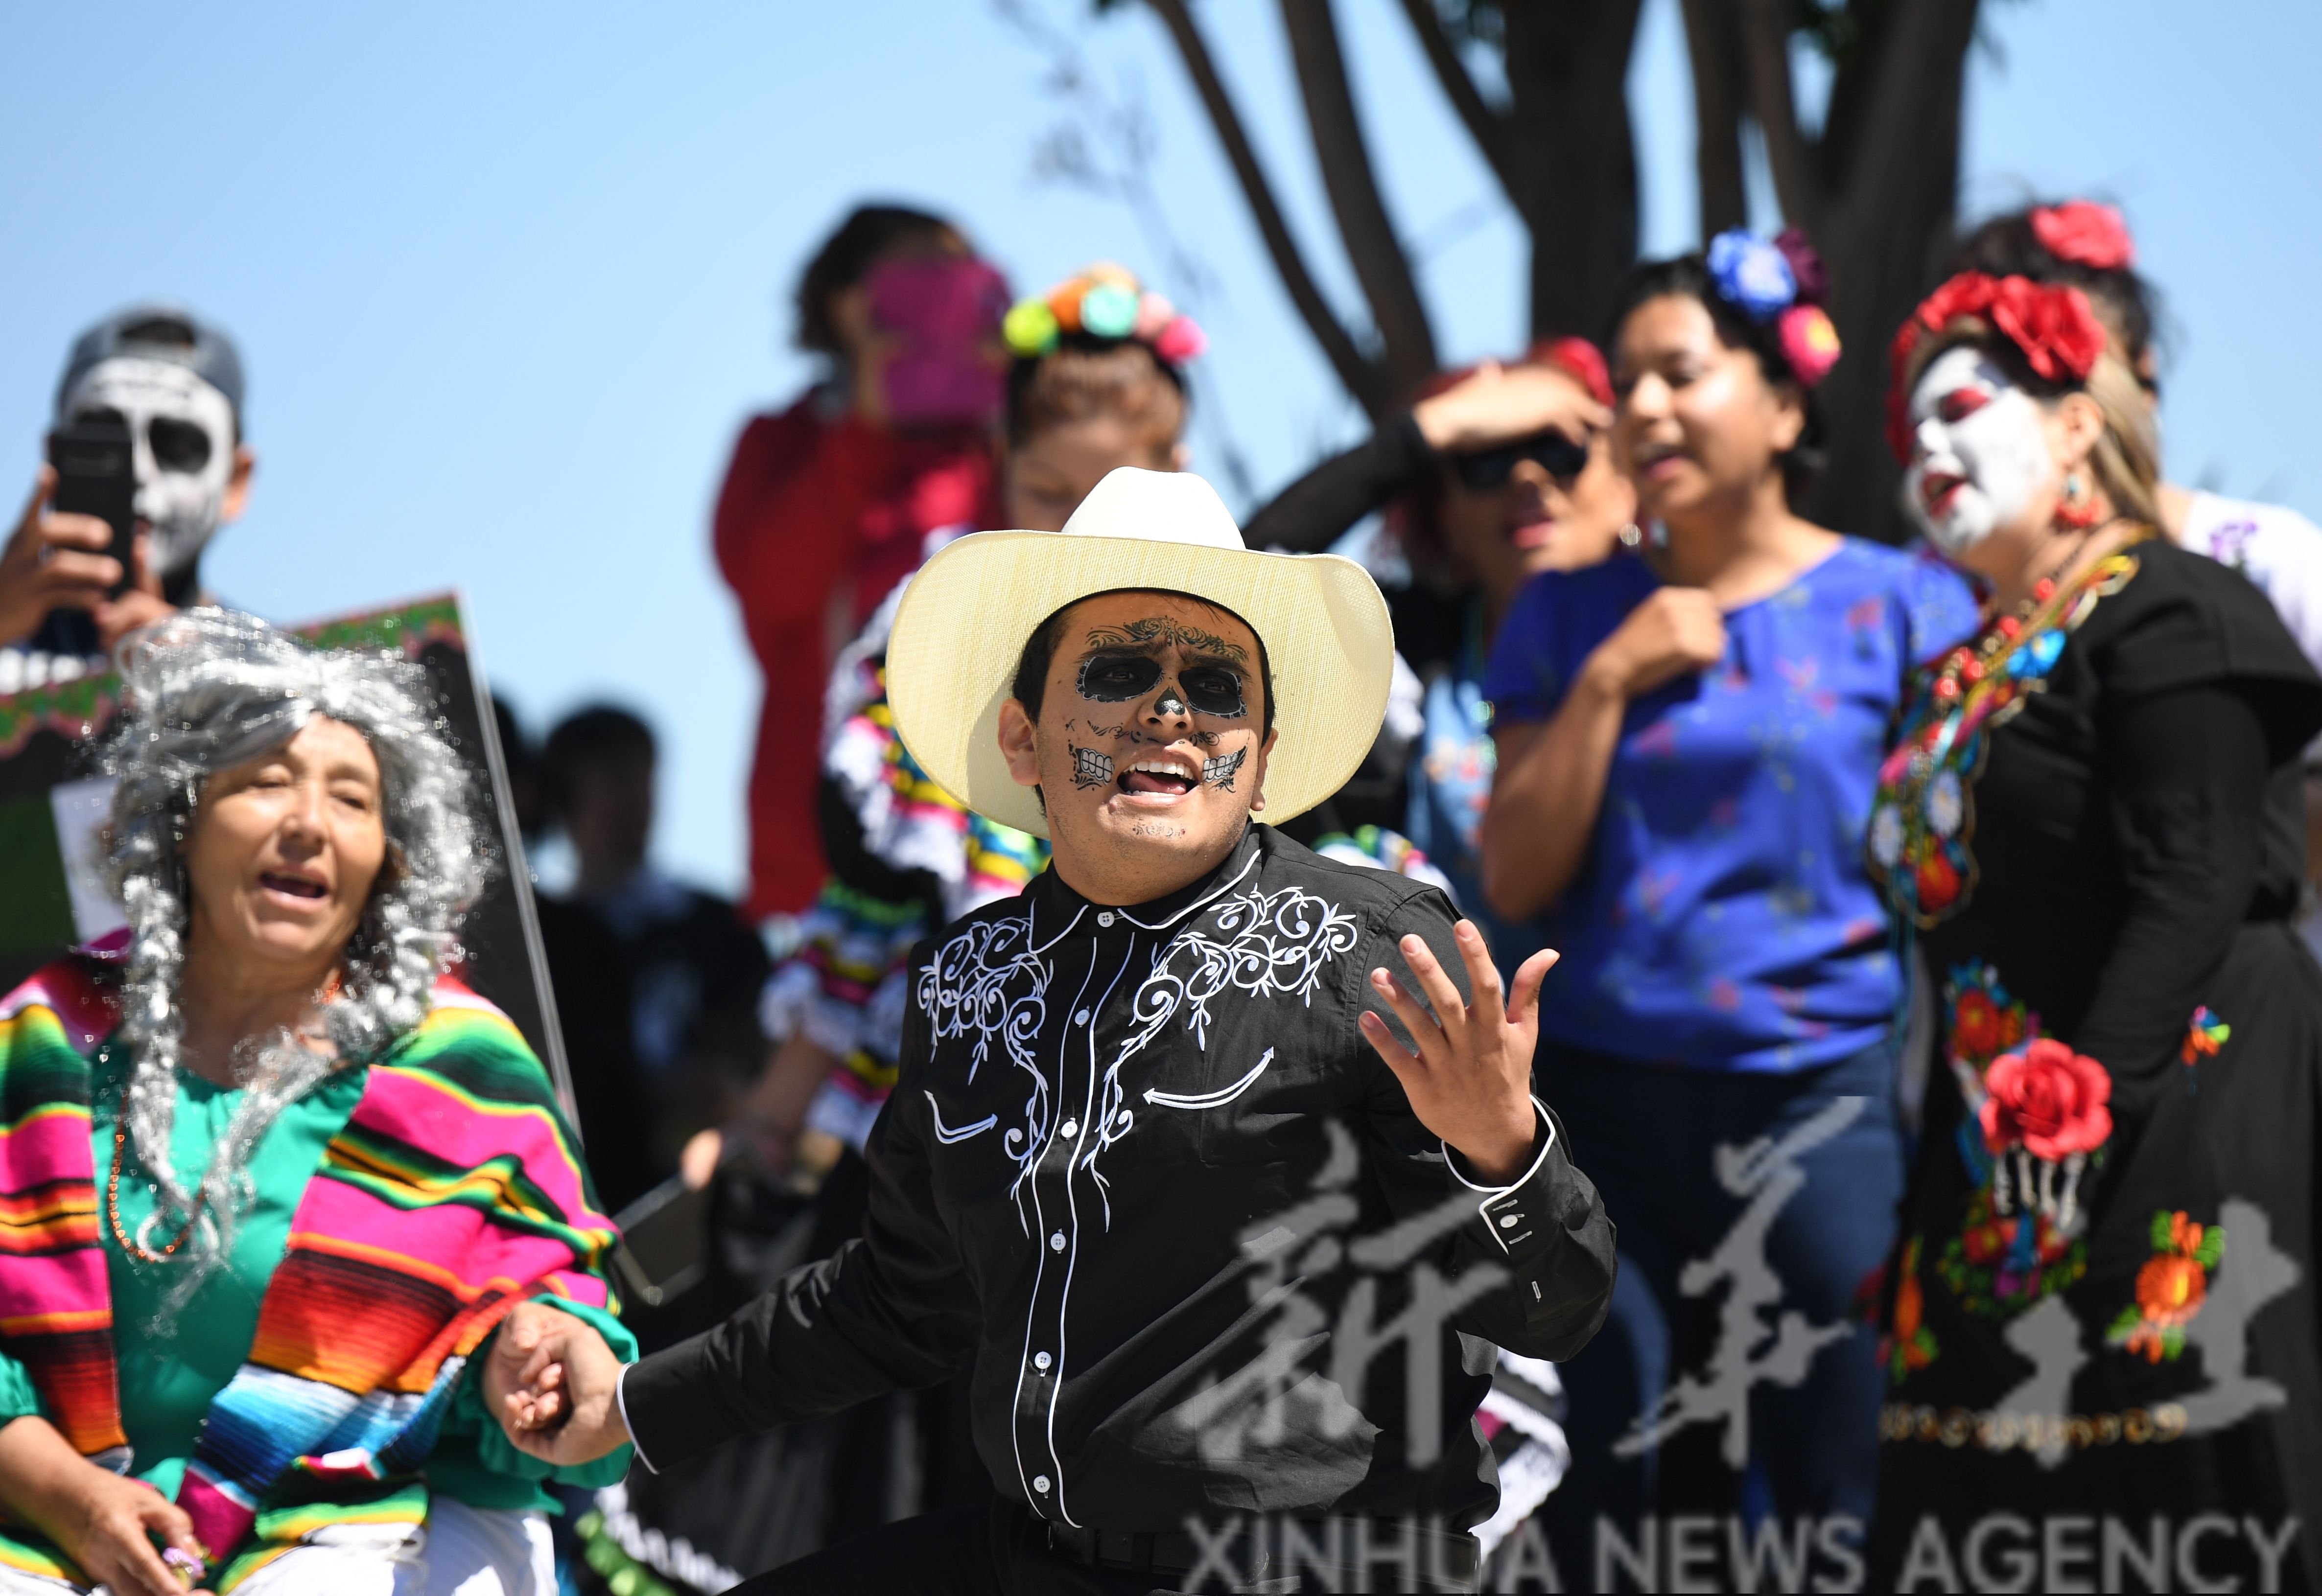 【图】                     美国圣马特奥成人教育学校举办国际日活动